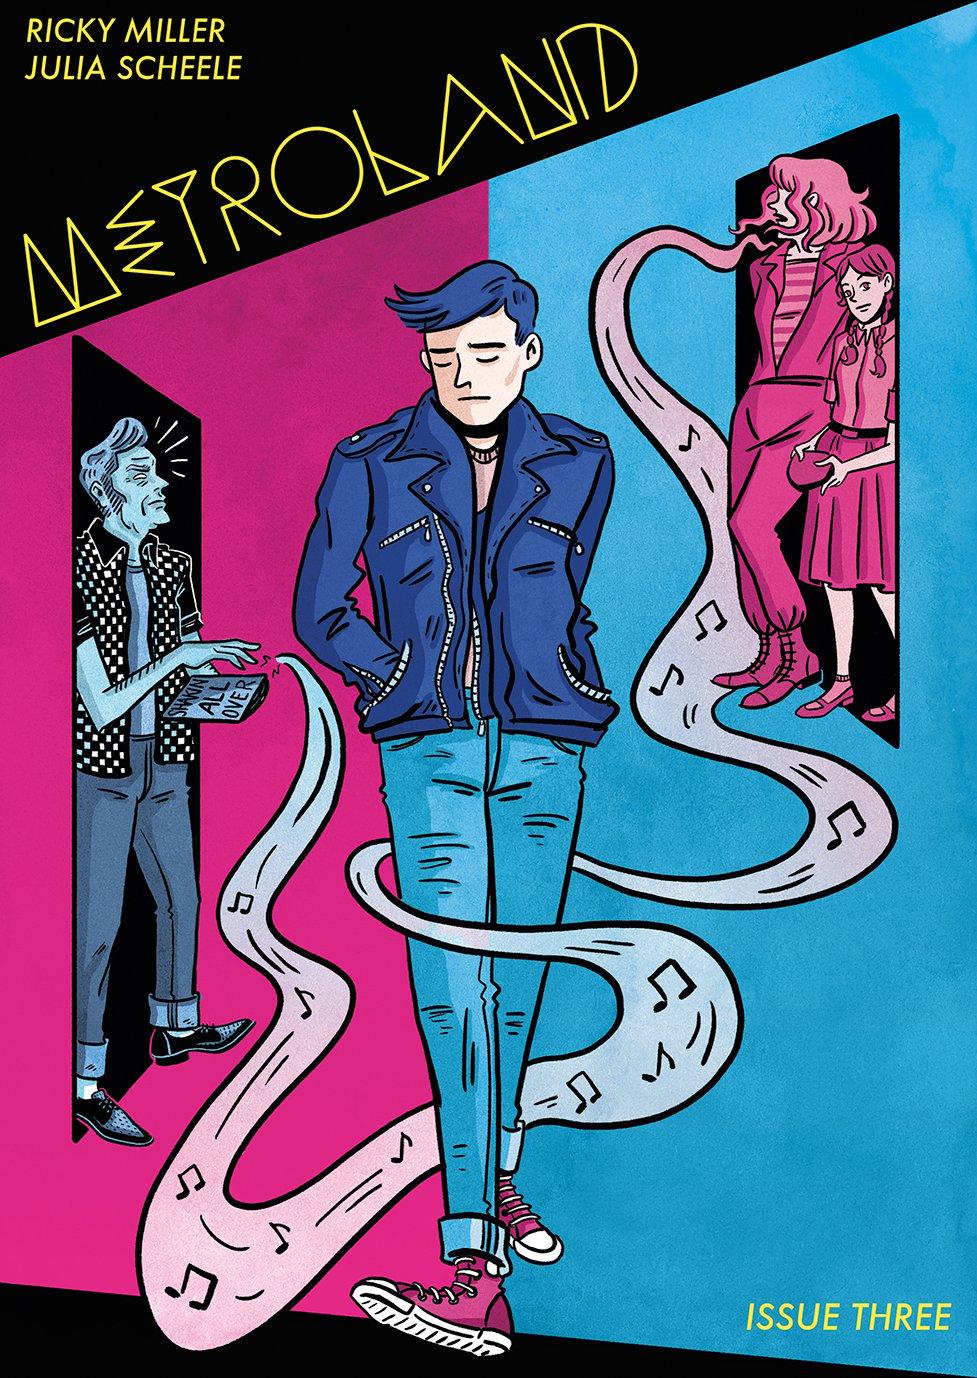 Metroland #3 by Ricky Miller & Jules Scheele